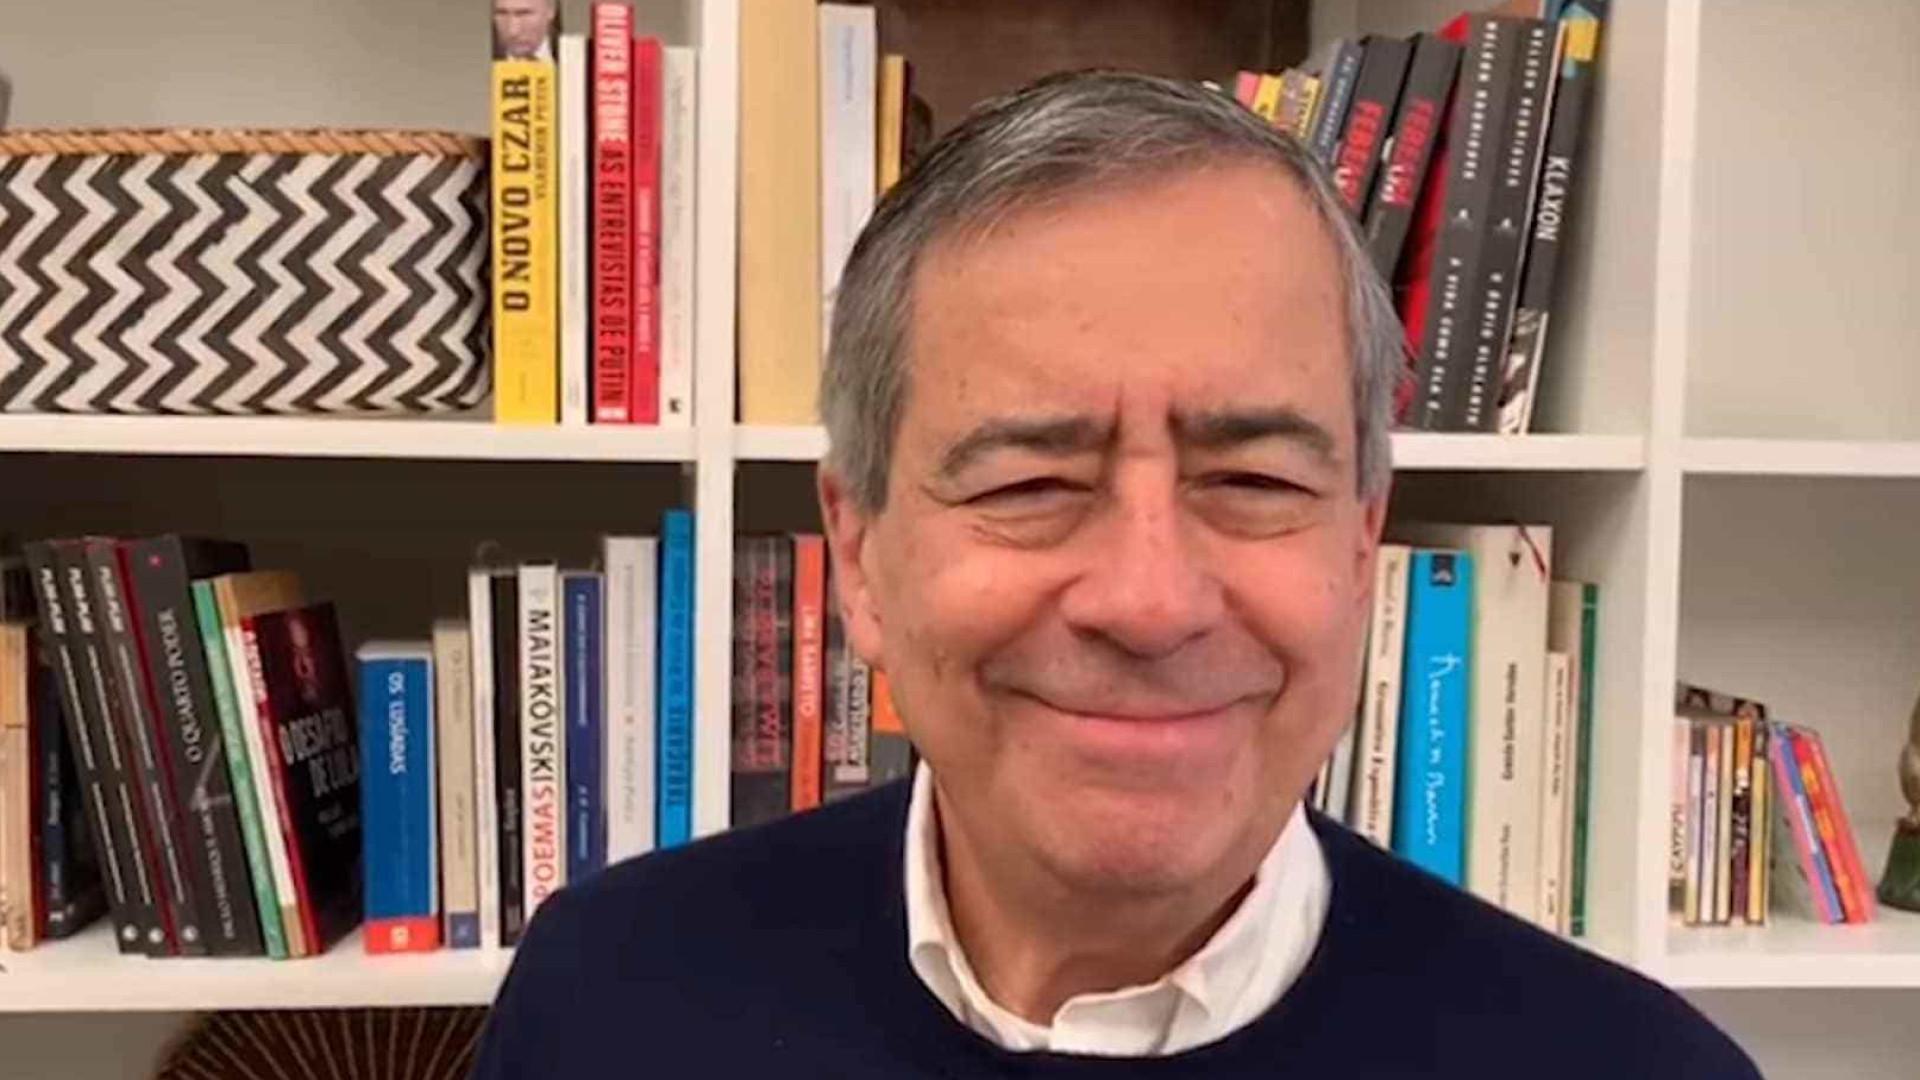 Corpo do jornalista Paulo Henrique Amorim será velado no Rio de Janeiro